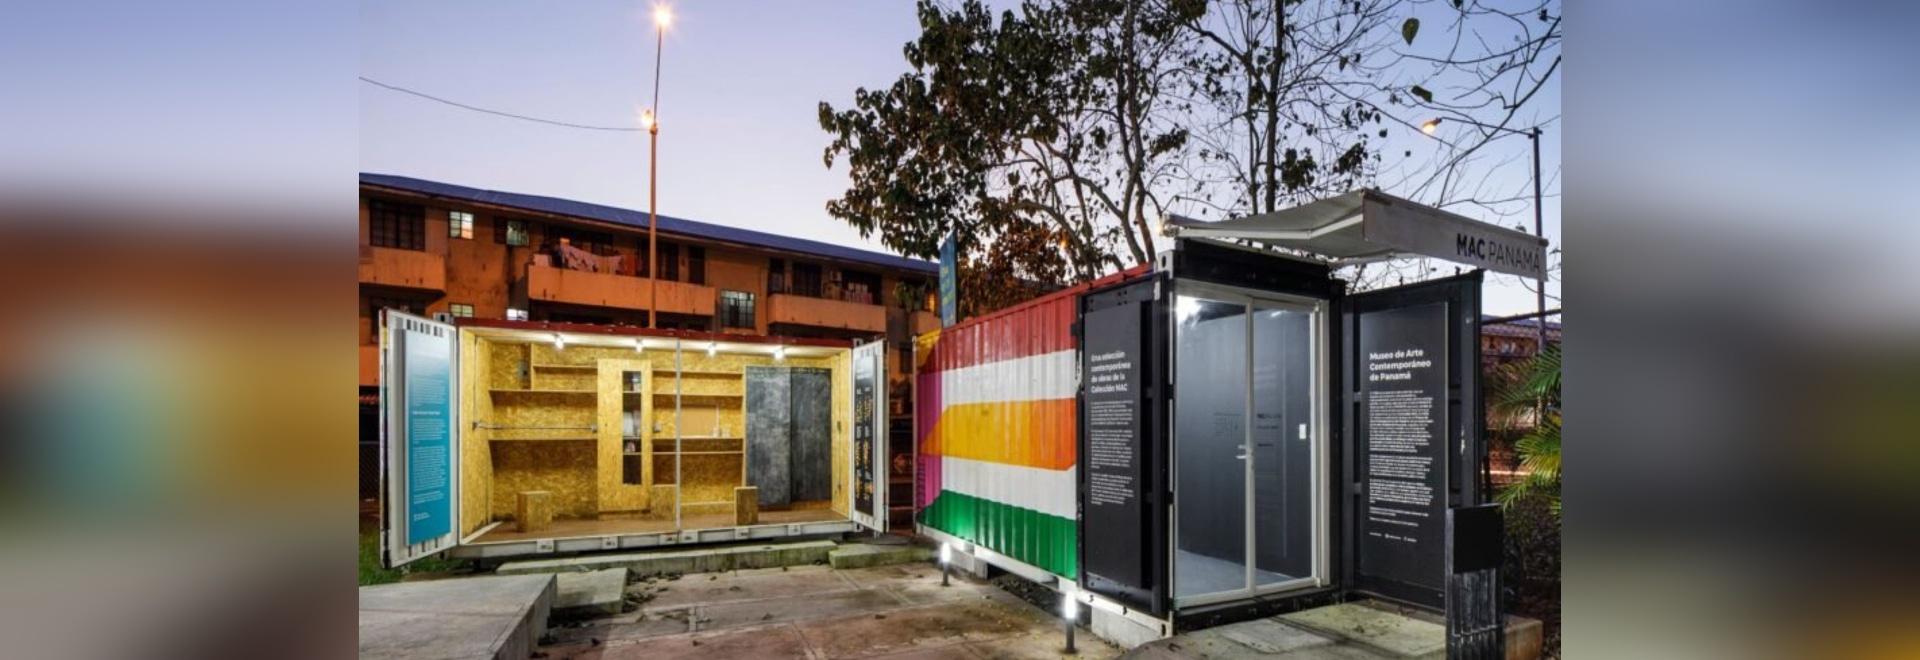 Il museo itinerante dei container porta l'arte contemporanea attraverso Panama